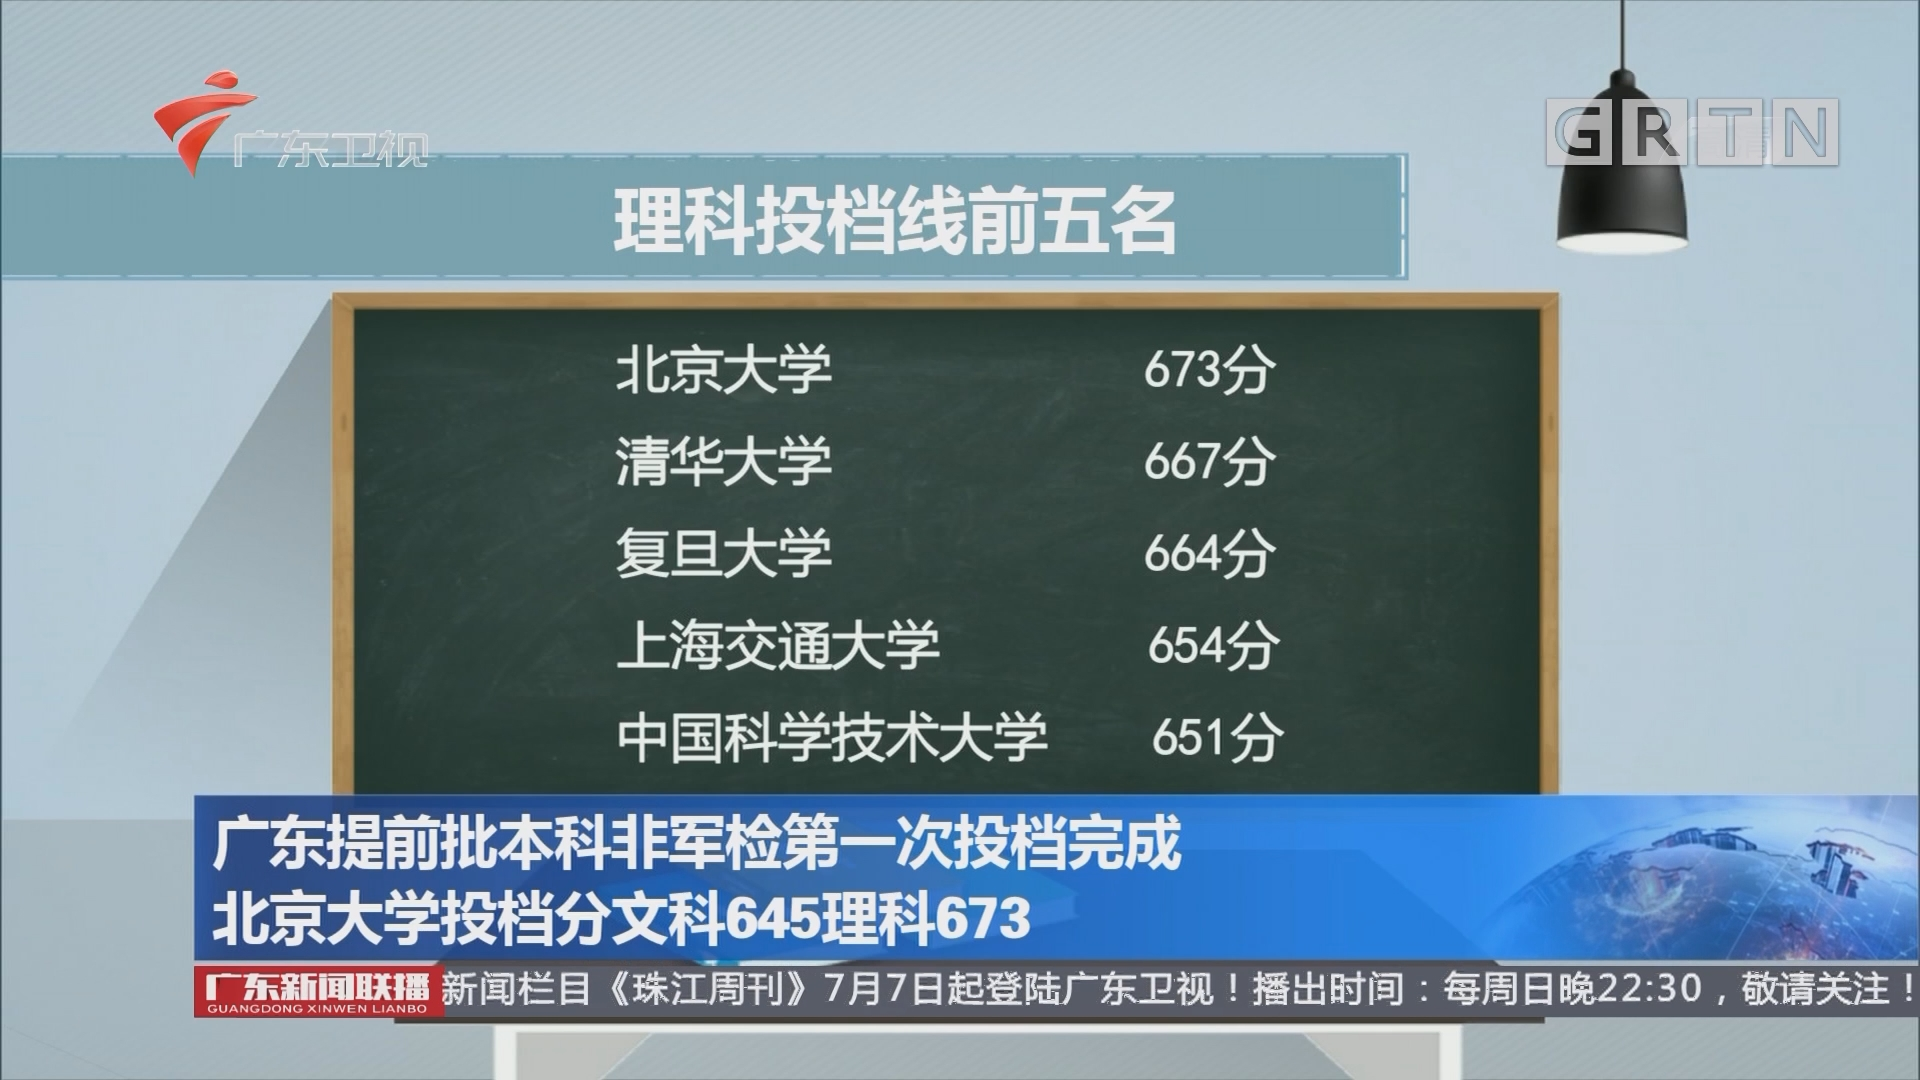 广东提前批本科非军检第一次投档完成 北京大学投档分文科645理科673